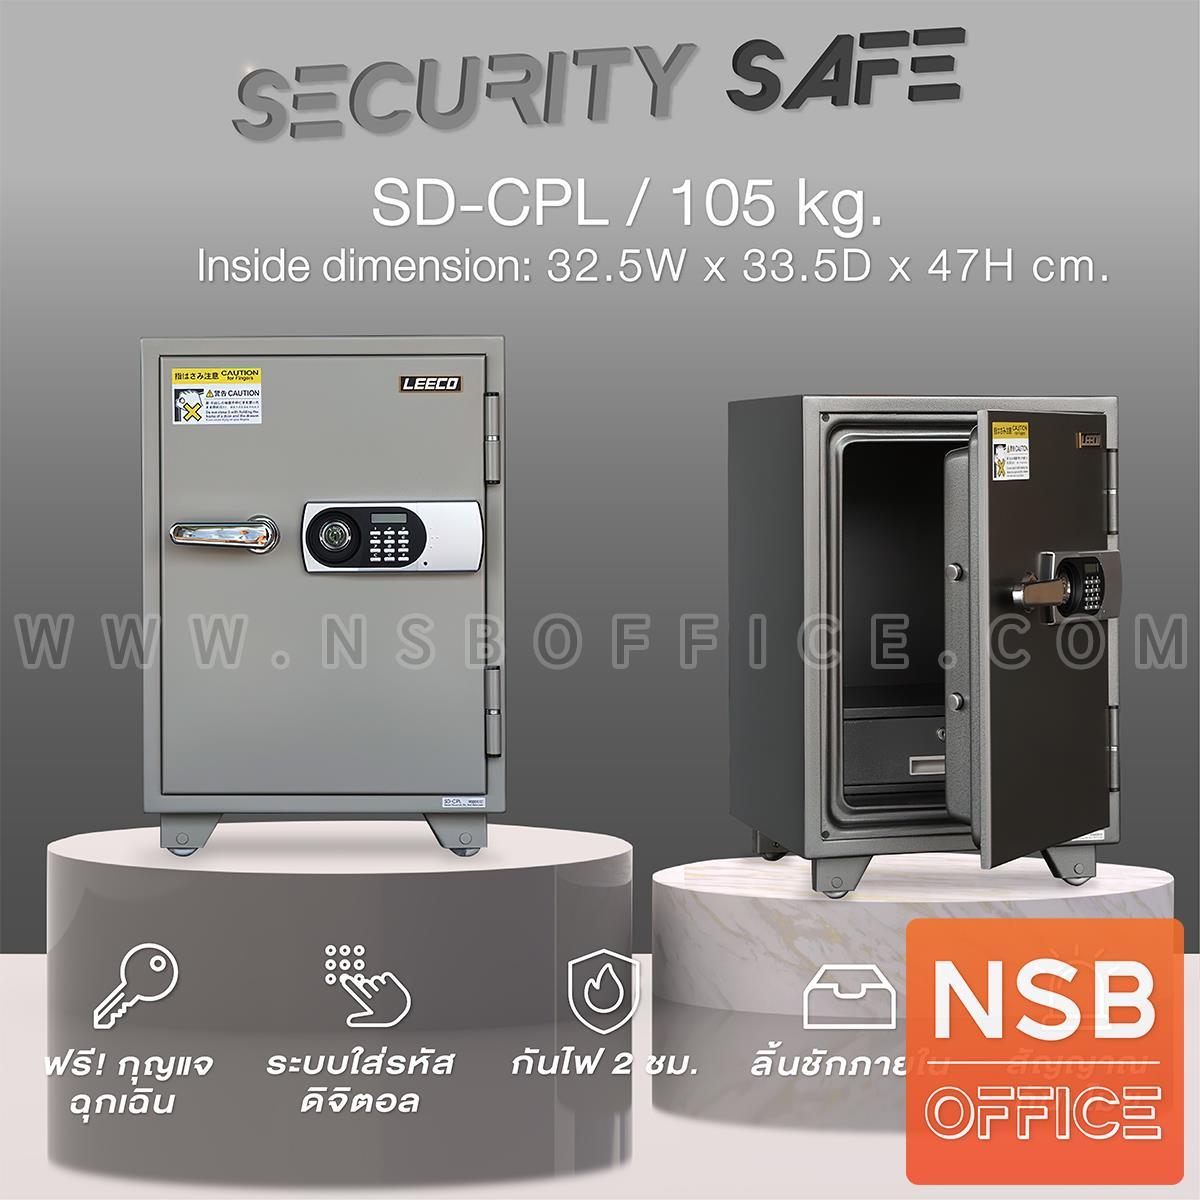 ตู้เซฟนิรภัยระบบดิจิตอล 105 กก. รุ่น SD-CPL